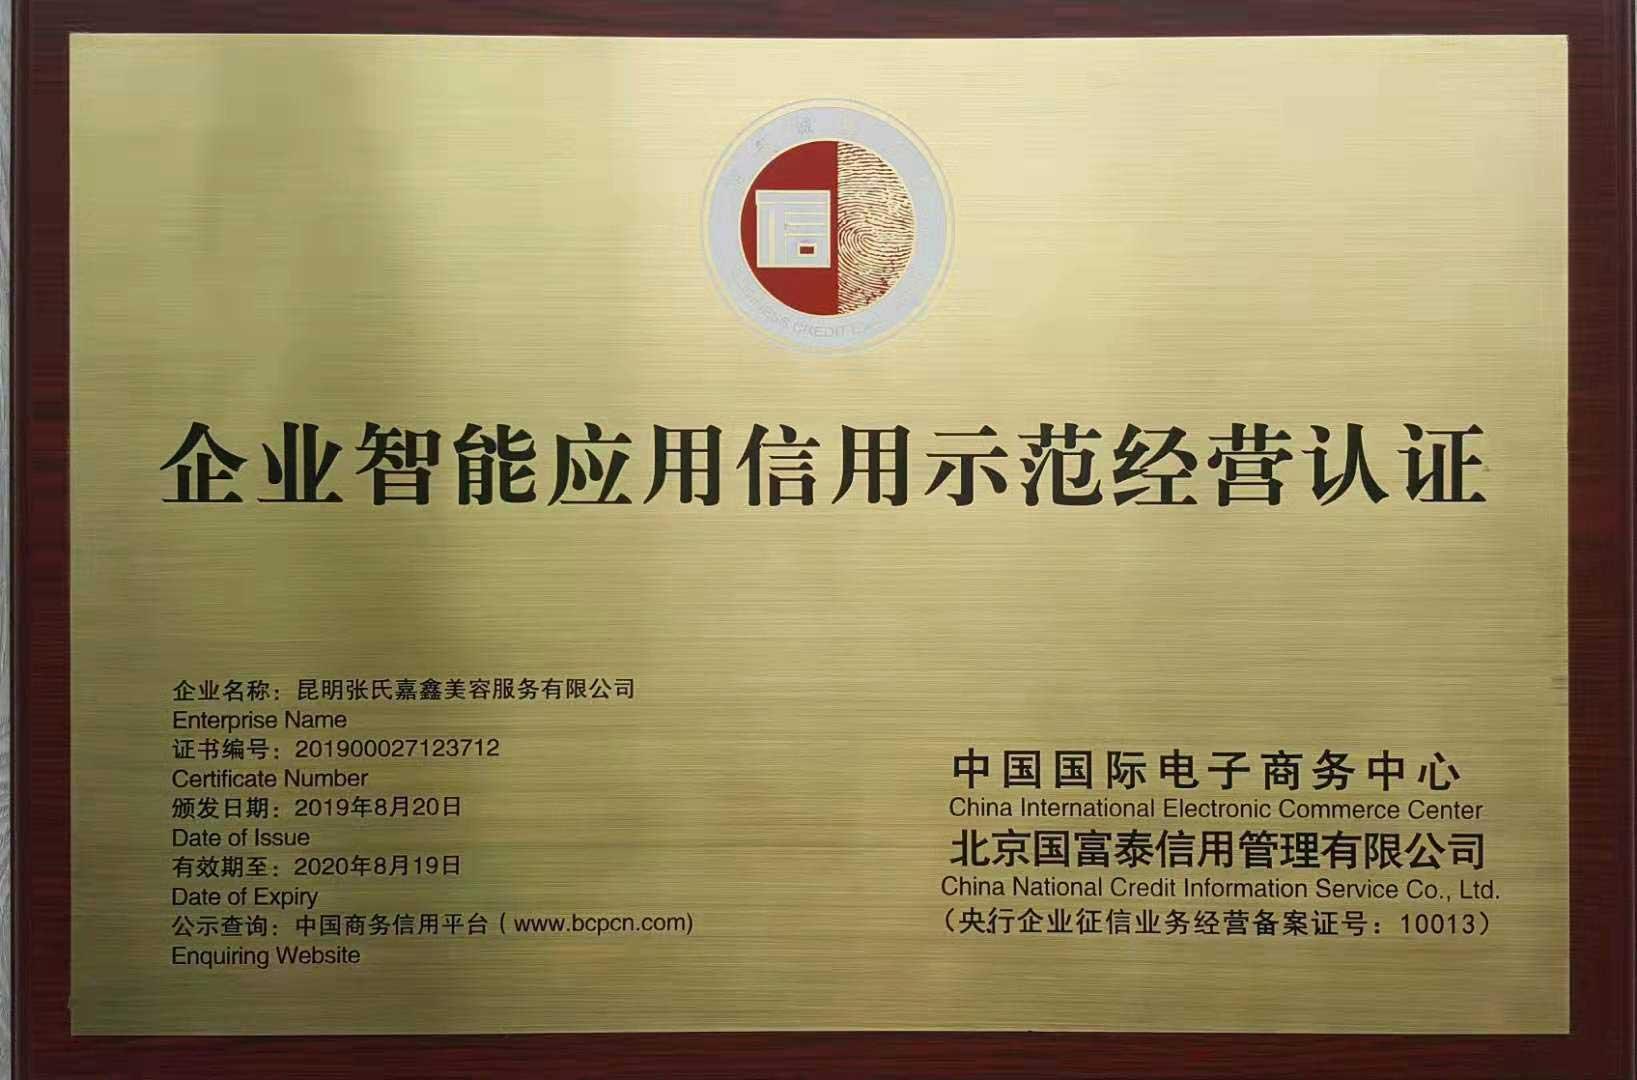 貴州潤肽保濕面帖膜 真誠推薦 昆明張氏嘉鑫美容服務供應